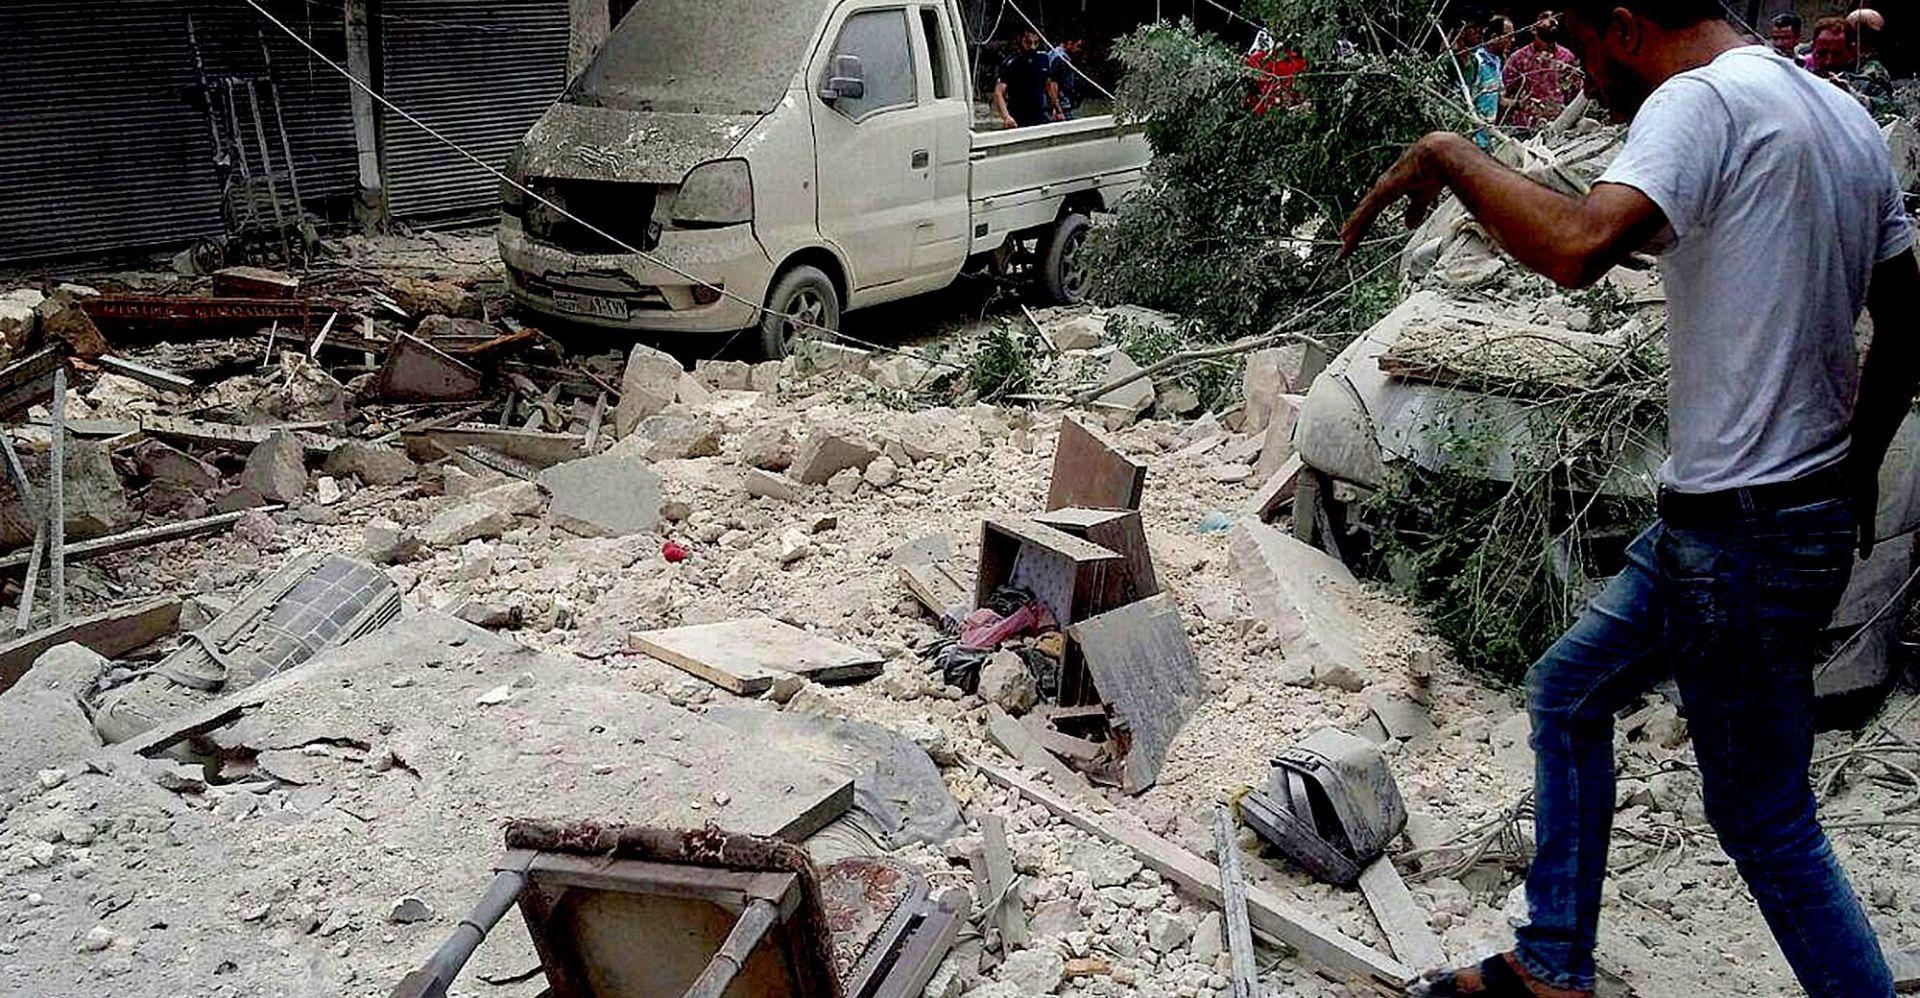 ALEPPO U zračnom napadu ubijen 'visoki dužnosnik' Jabhat Fateh al-Shama